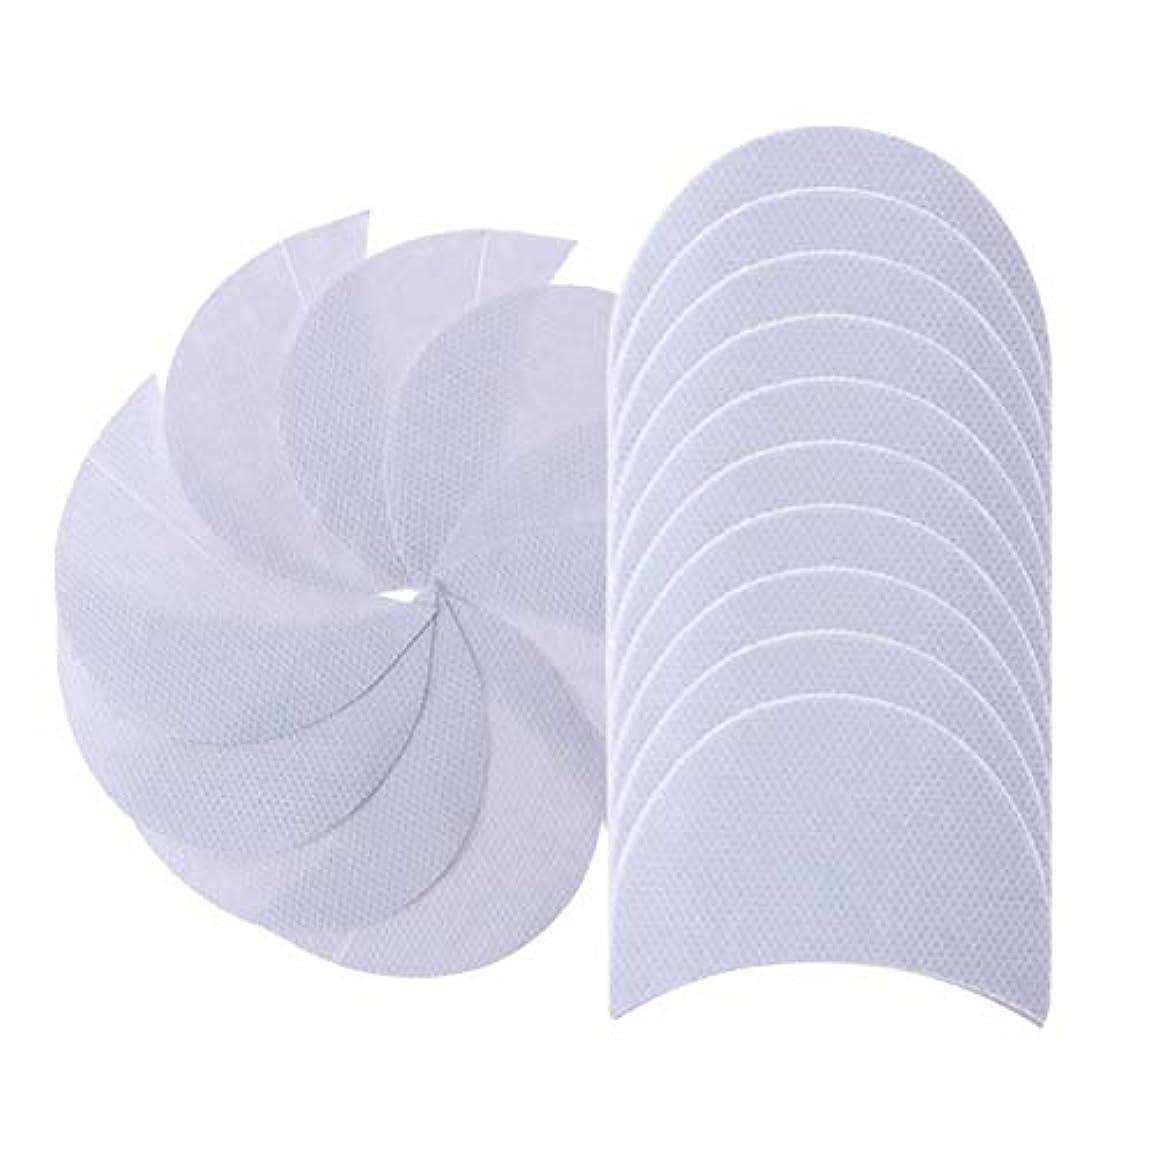 降伏テキストガム目のアイシャドウのまつげエクステンションで50sheetパッドダストは、毎日使用するためシールズ唇メイクのプロのメイクアップアイシャドウ印刷テンプレートマスク